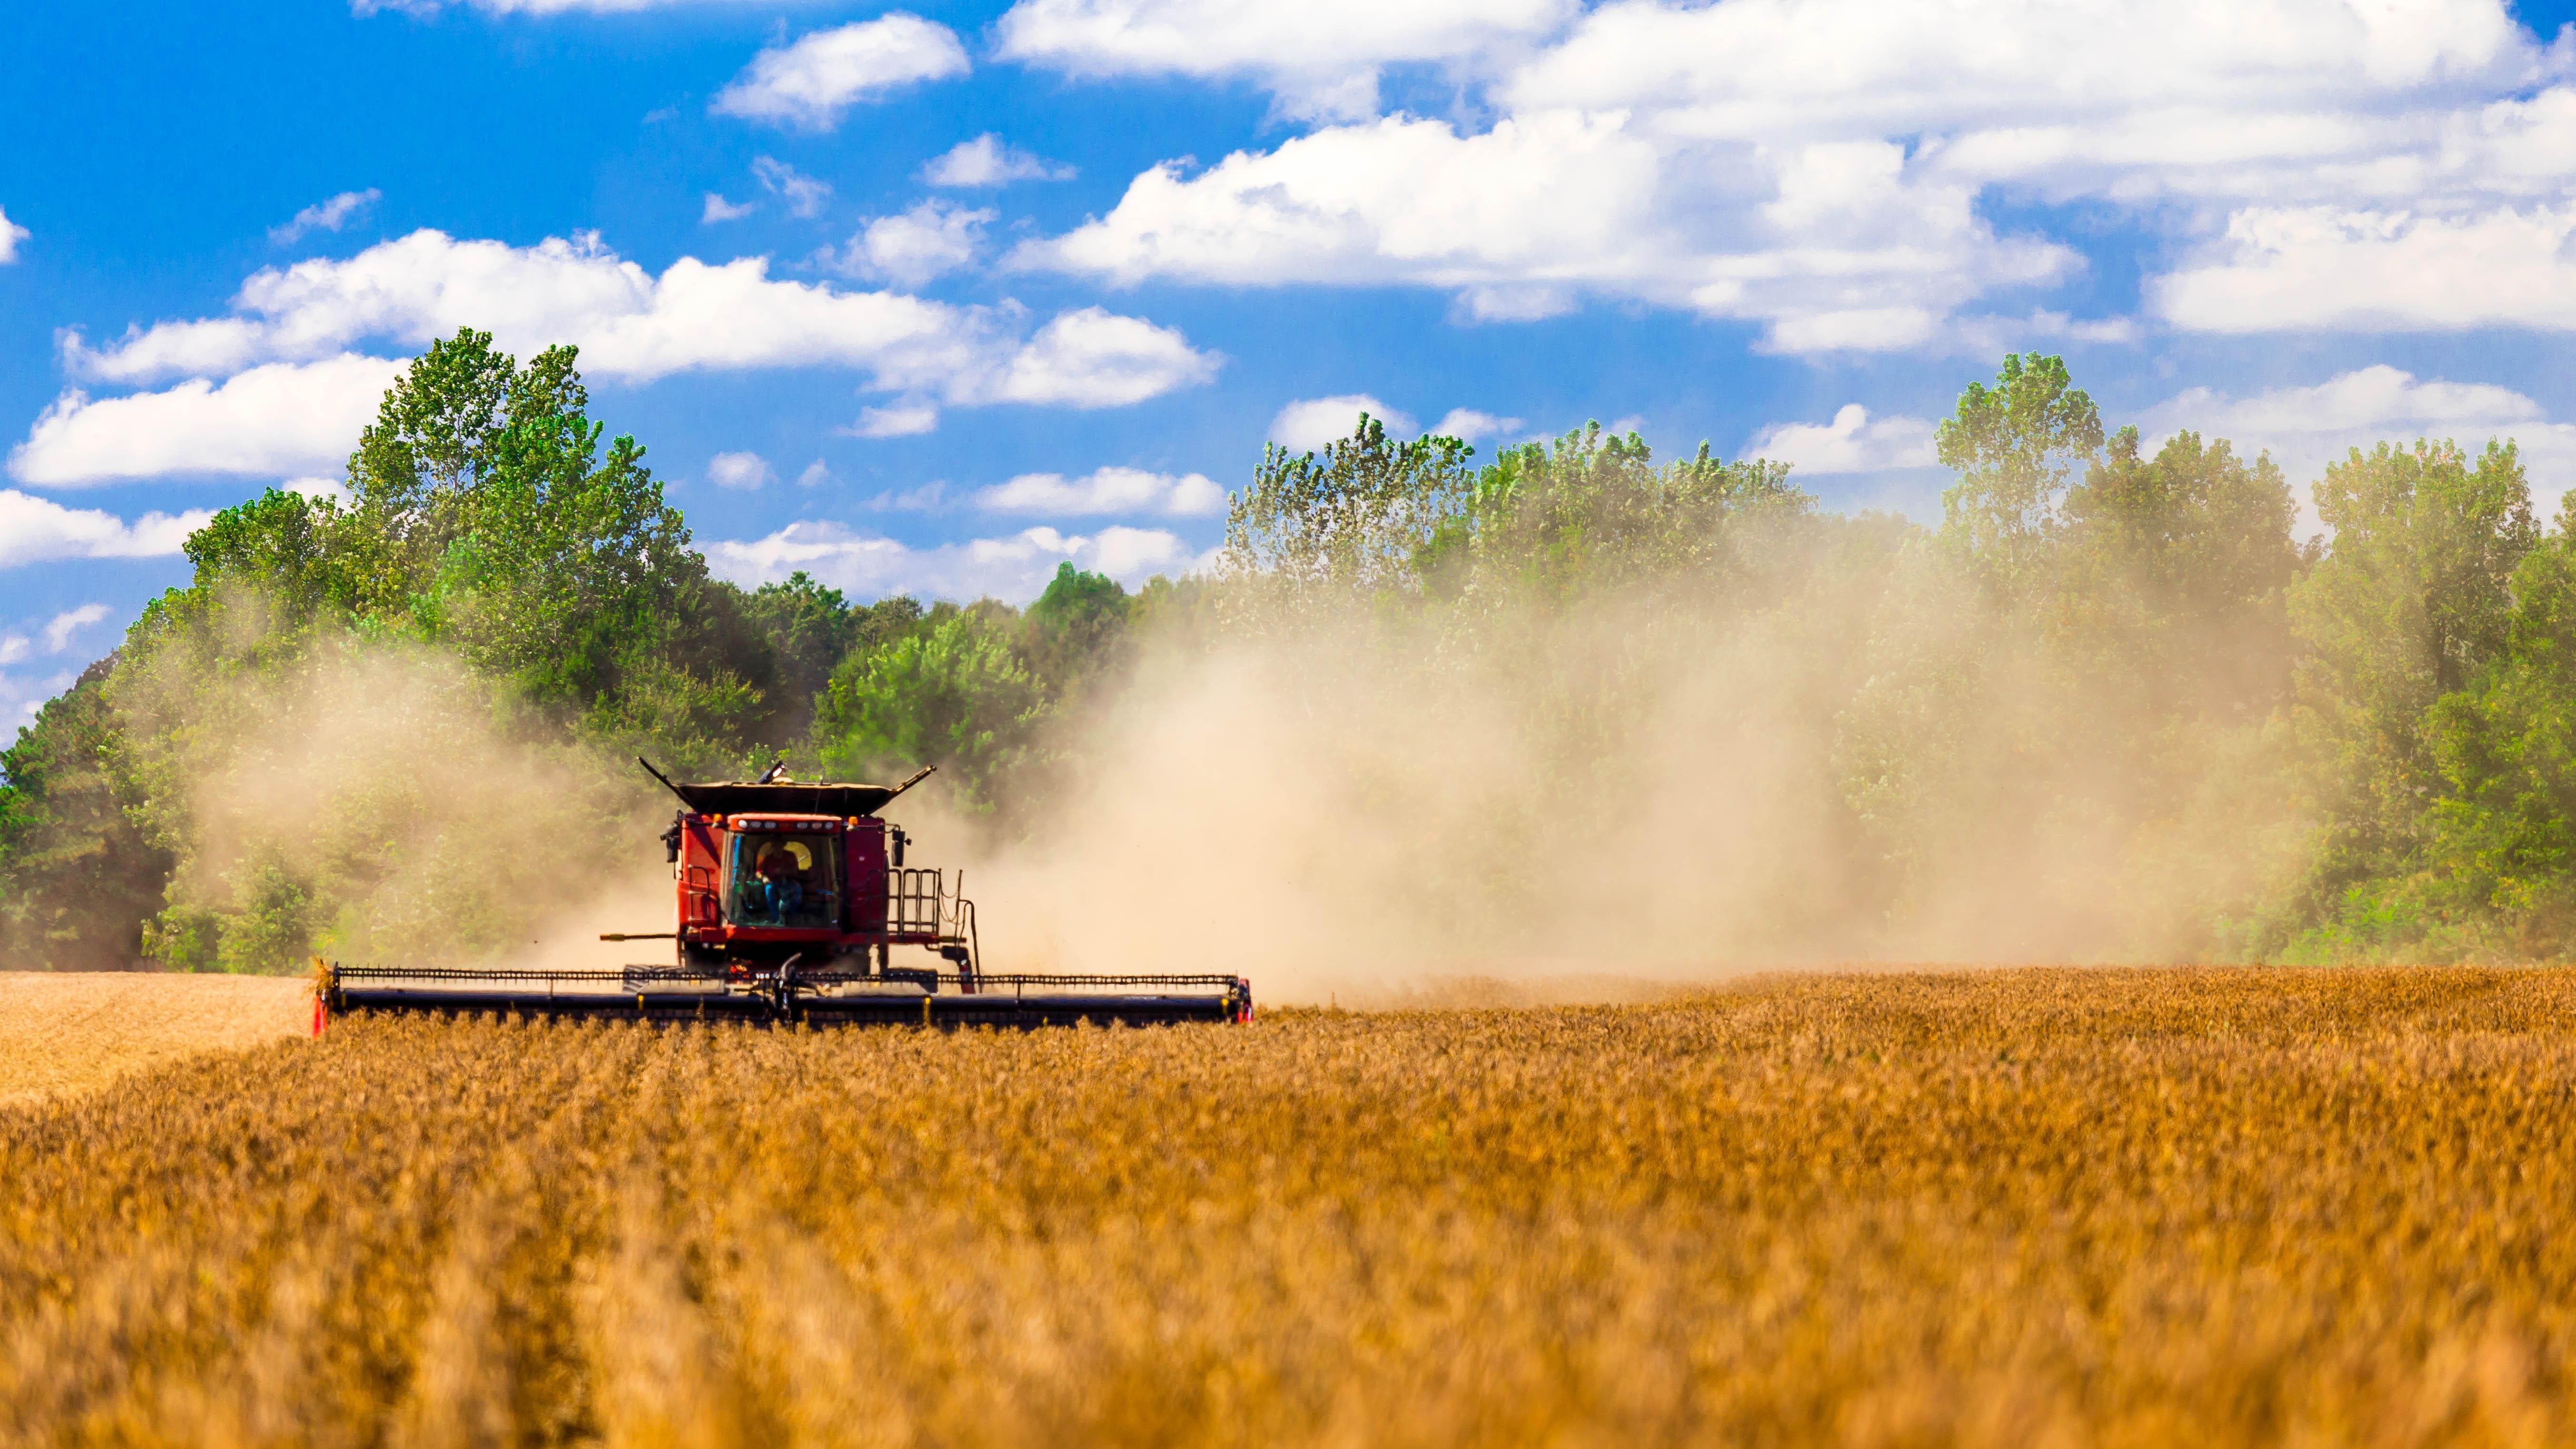 Safra de grãos de 2015 deverá ser 8,1% maior do que no ano anterior, diz IBGE